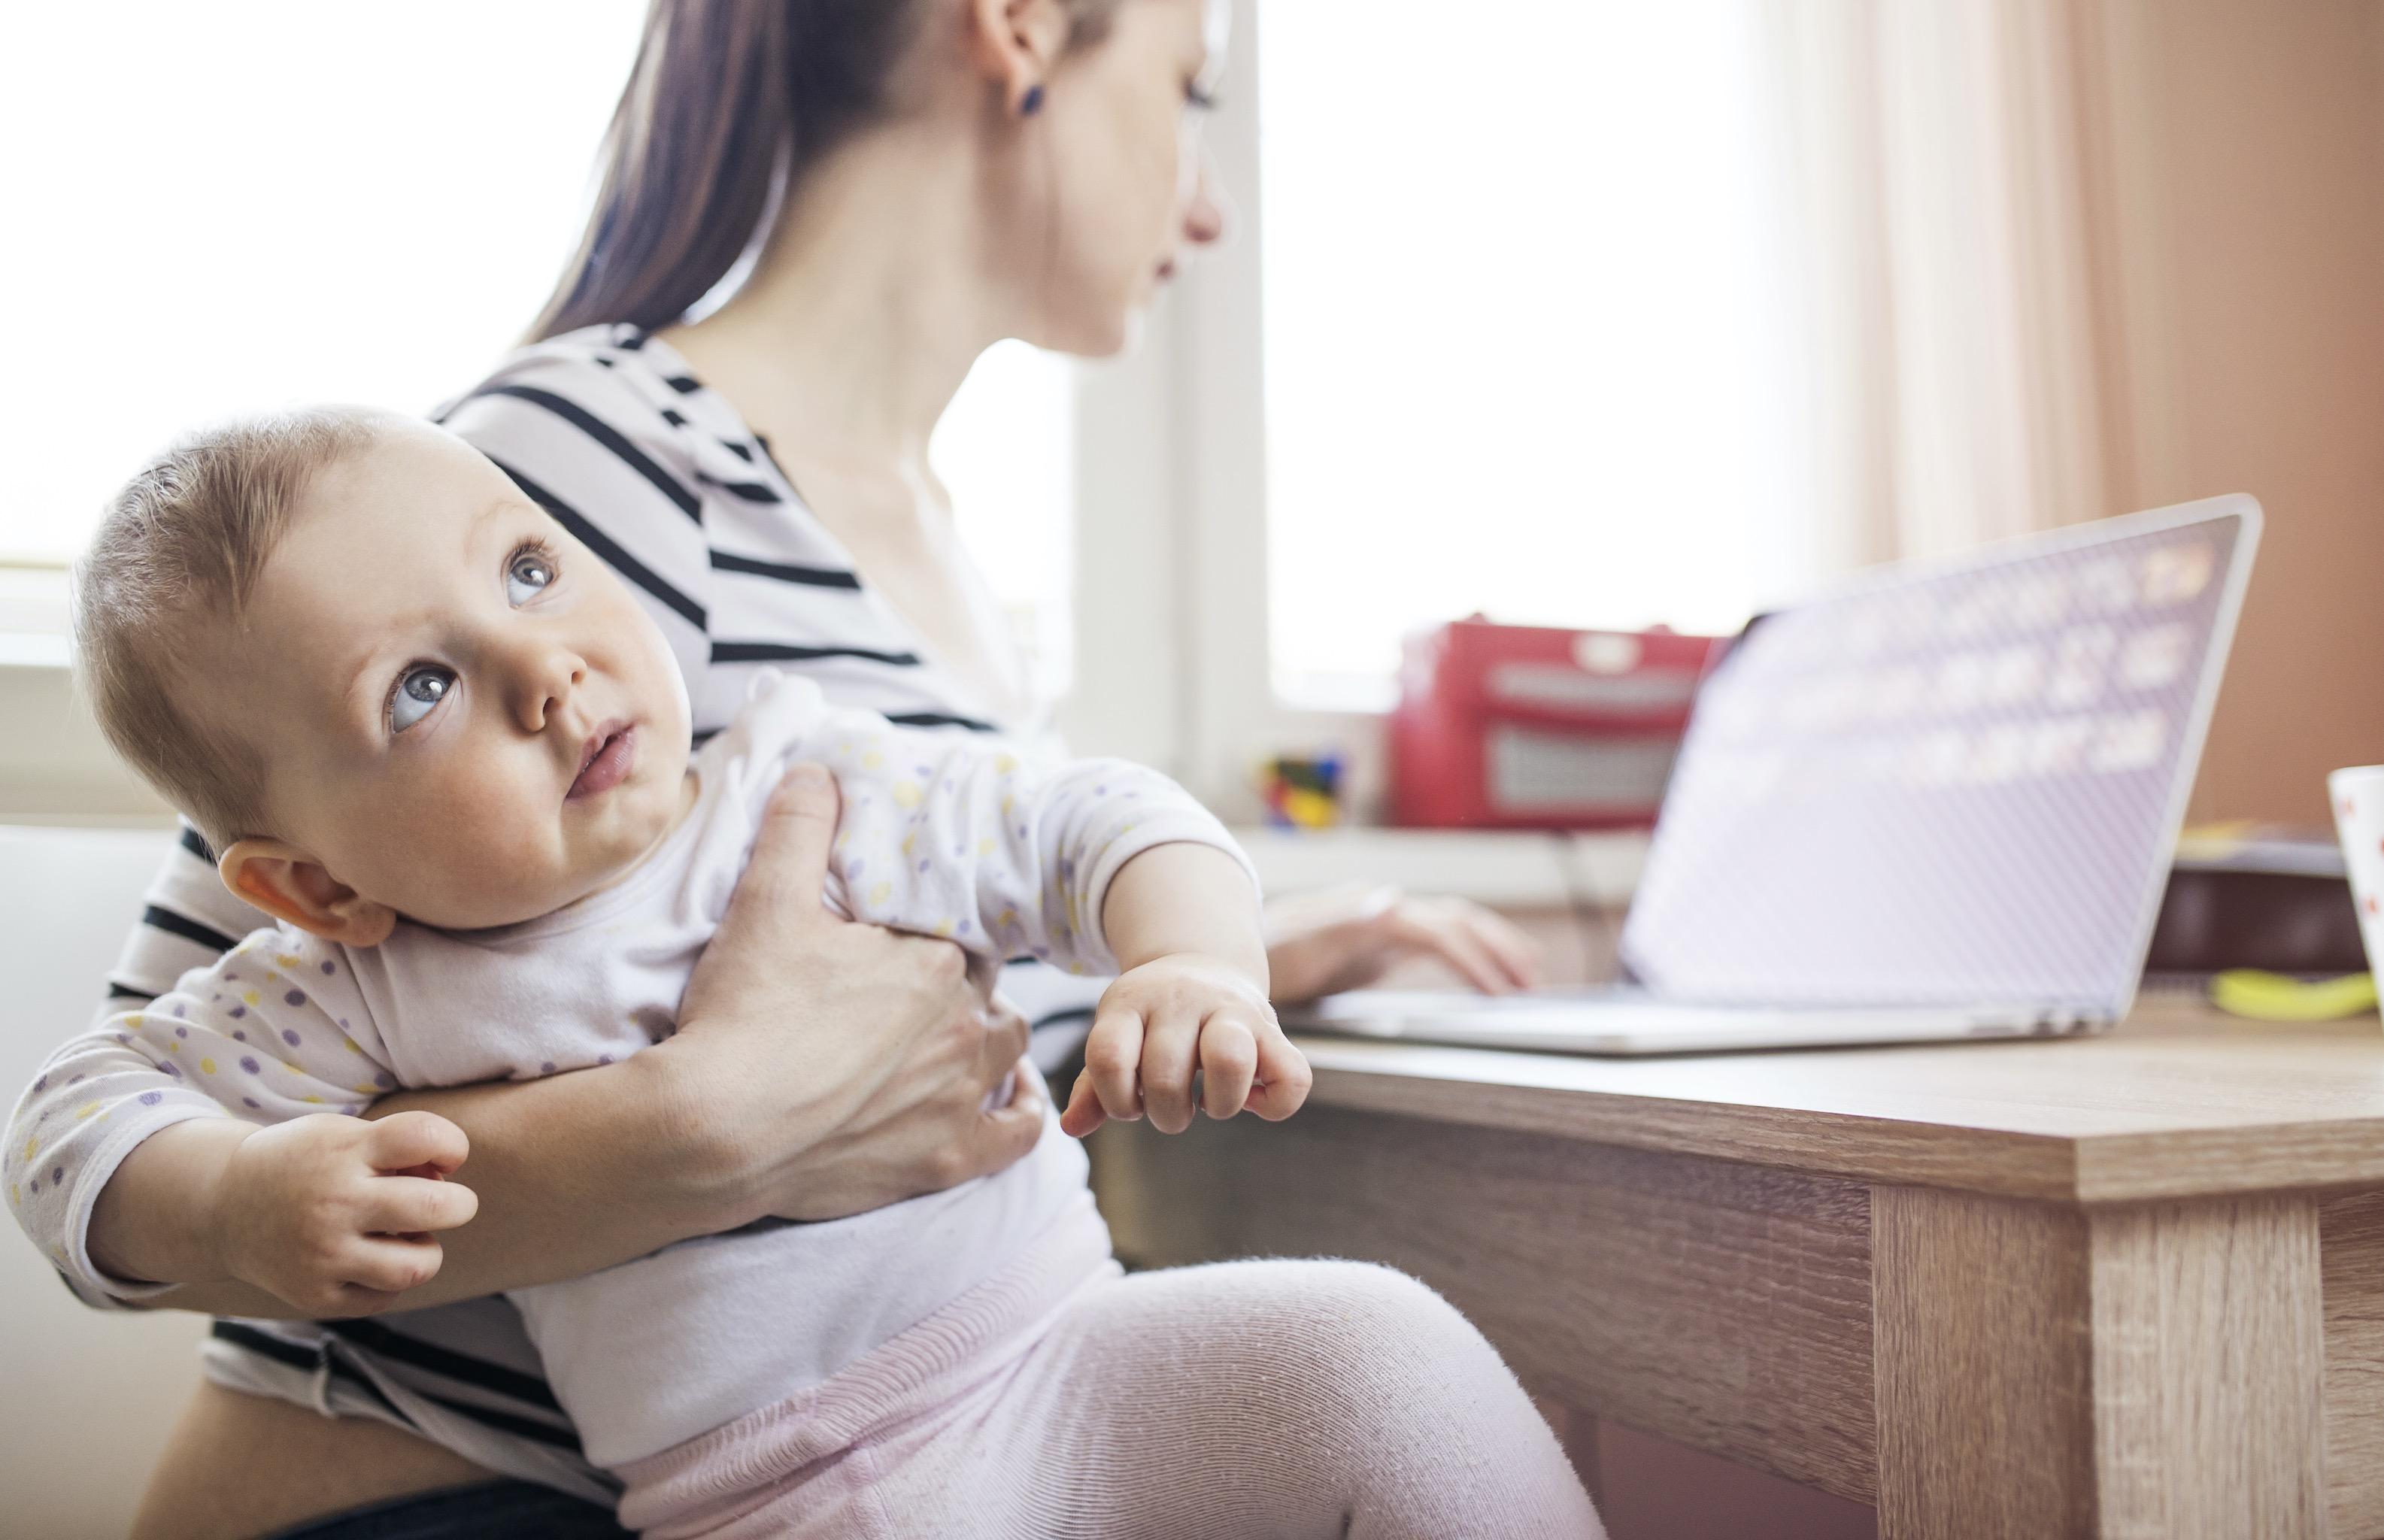 la vuelta al trabajo tras vacaciones o baja maternal